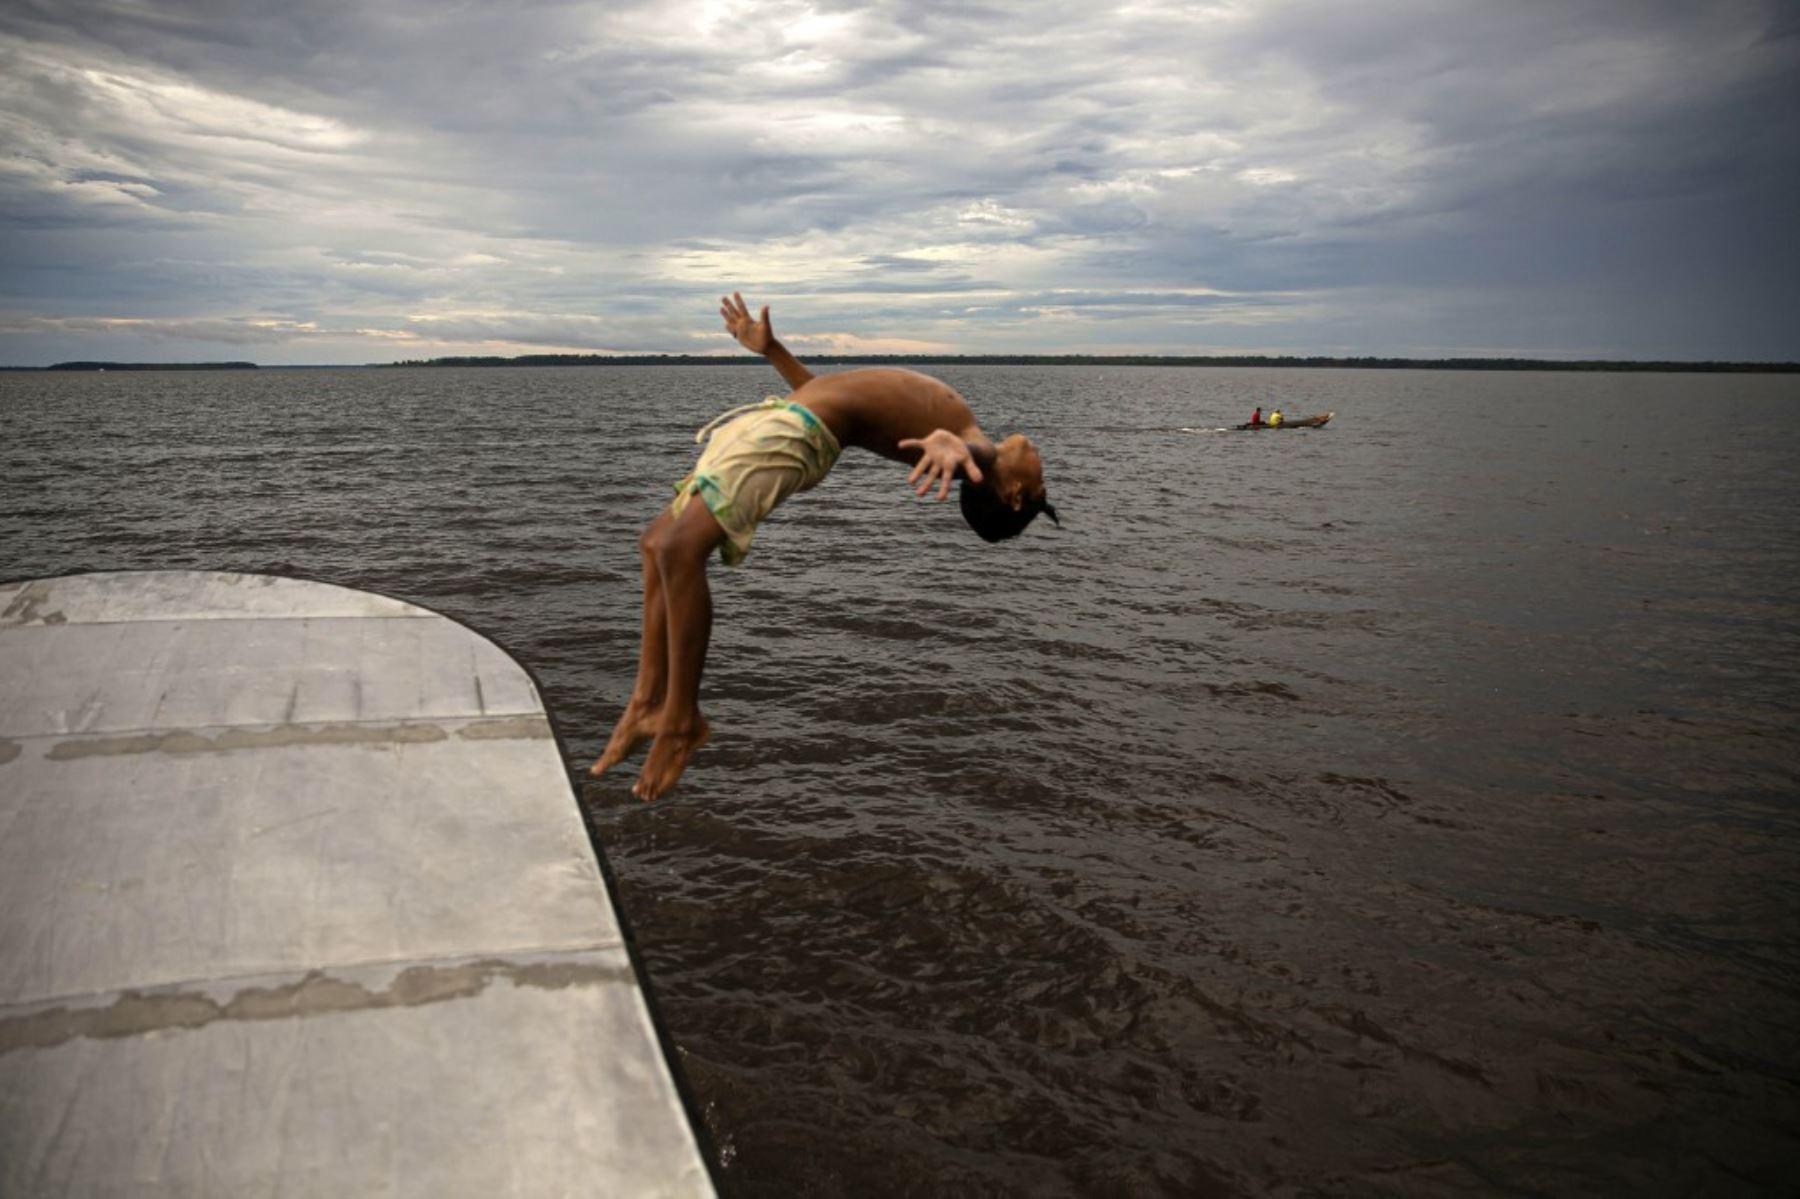 Un niño salta al agua en la bahía de Melgaco, al suroeste de la isla de Marajo, en el estado de Pará, Brasil, en medio de la pandemia de coronavirus. Foto: AFP